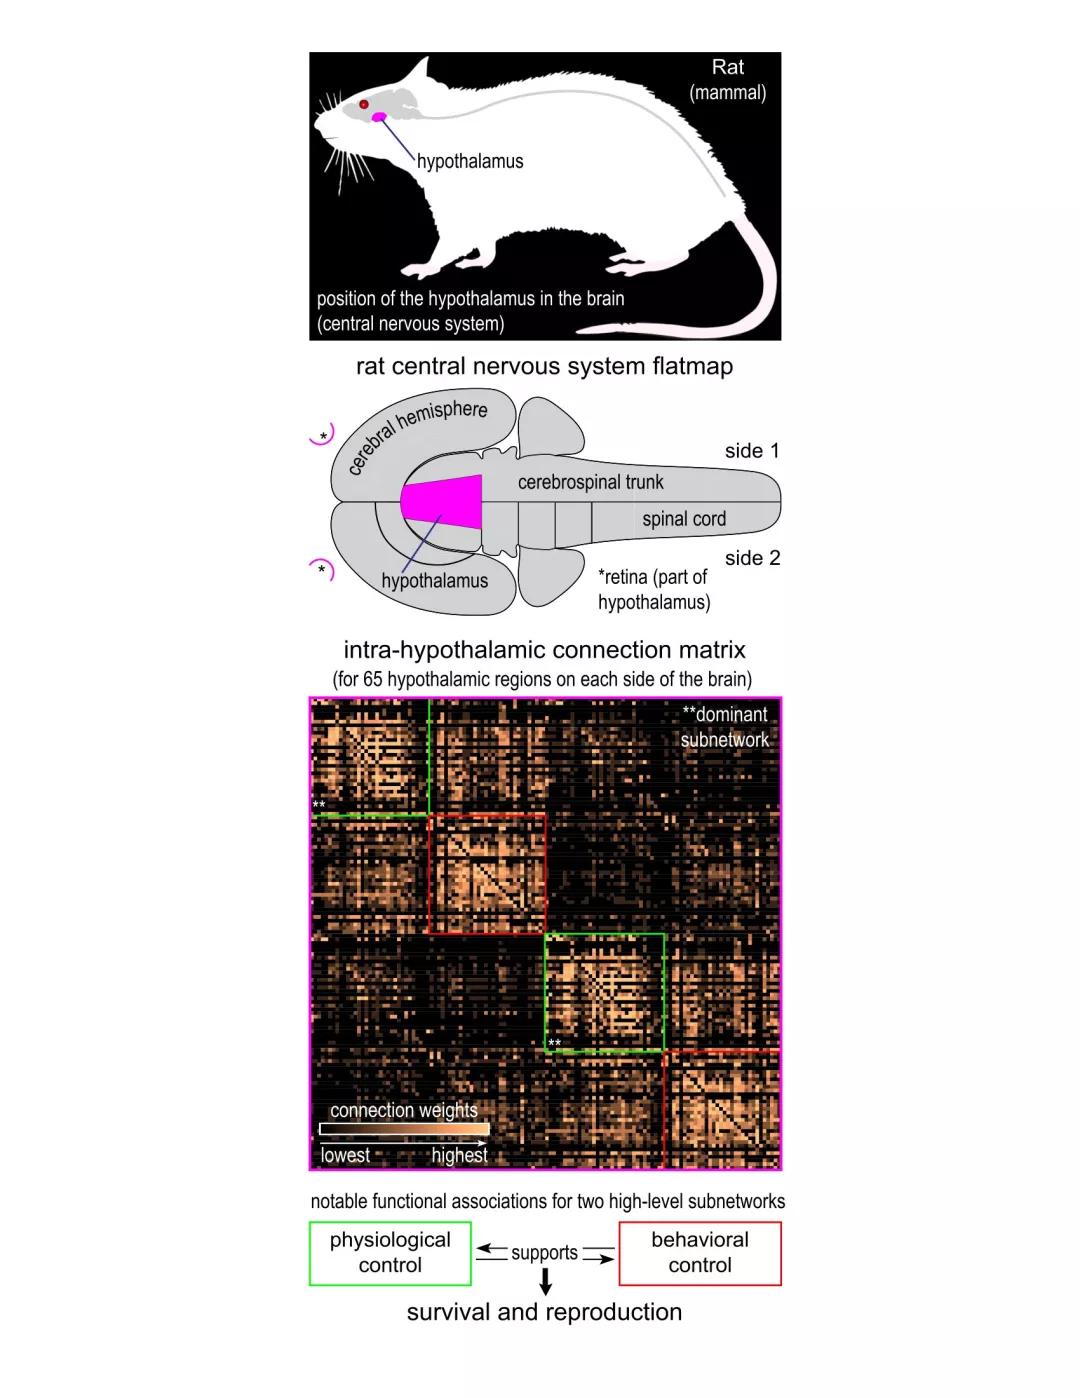 科学家创建下丘脑的网络模型 试图解开大脑维持生命的秘密